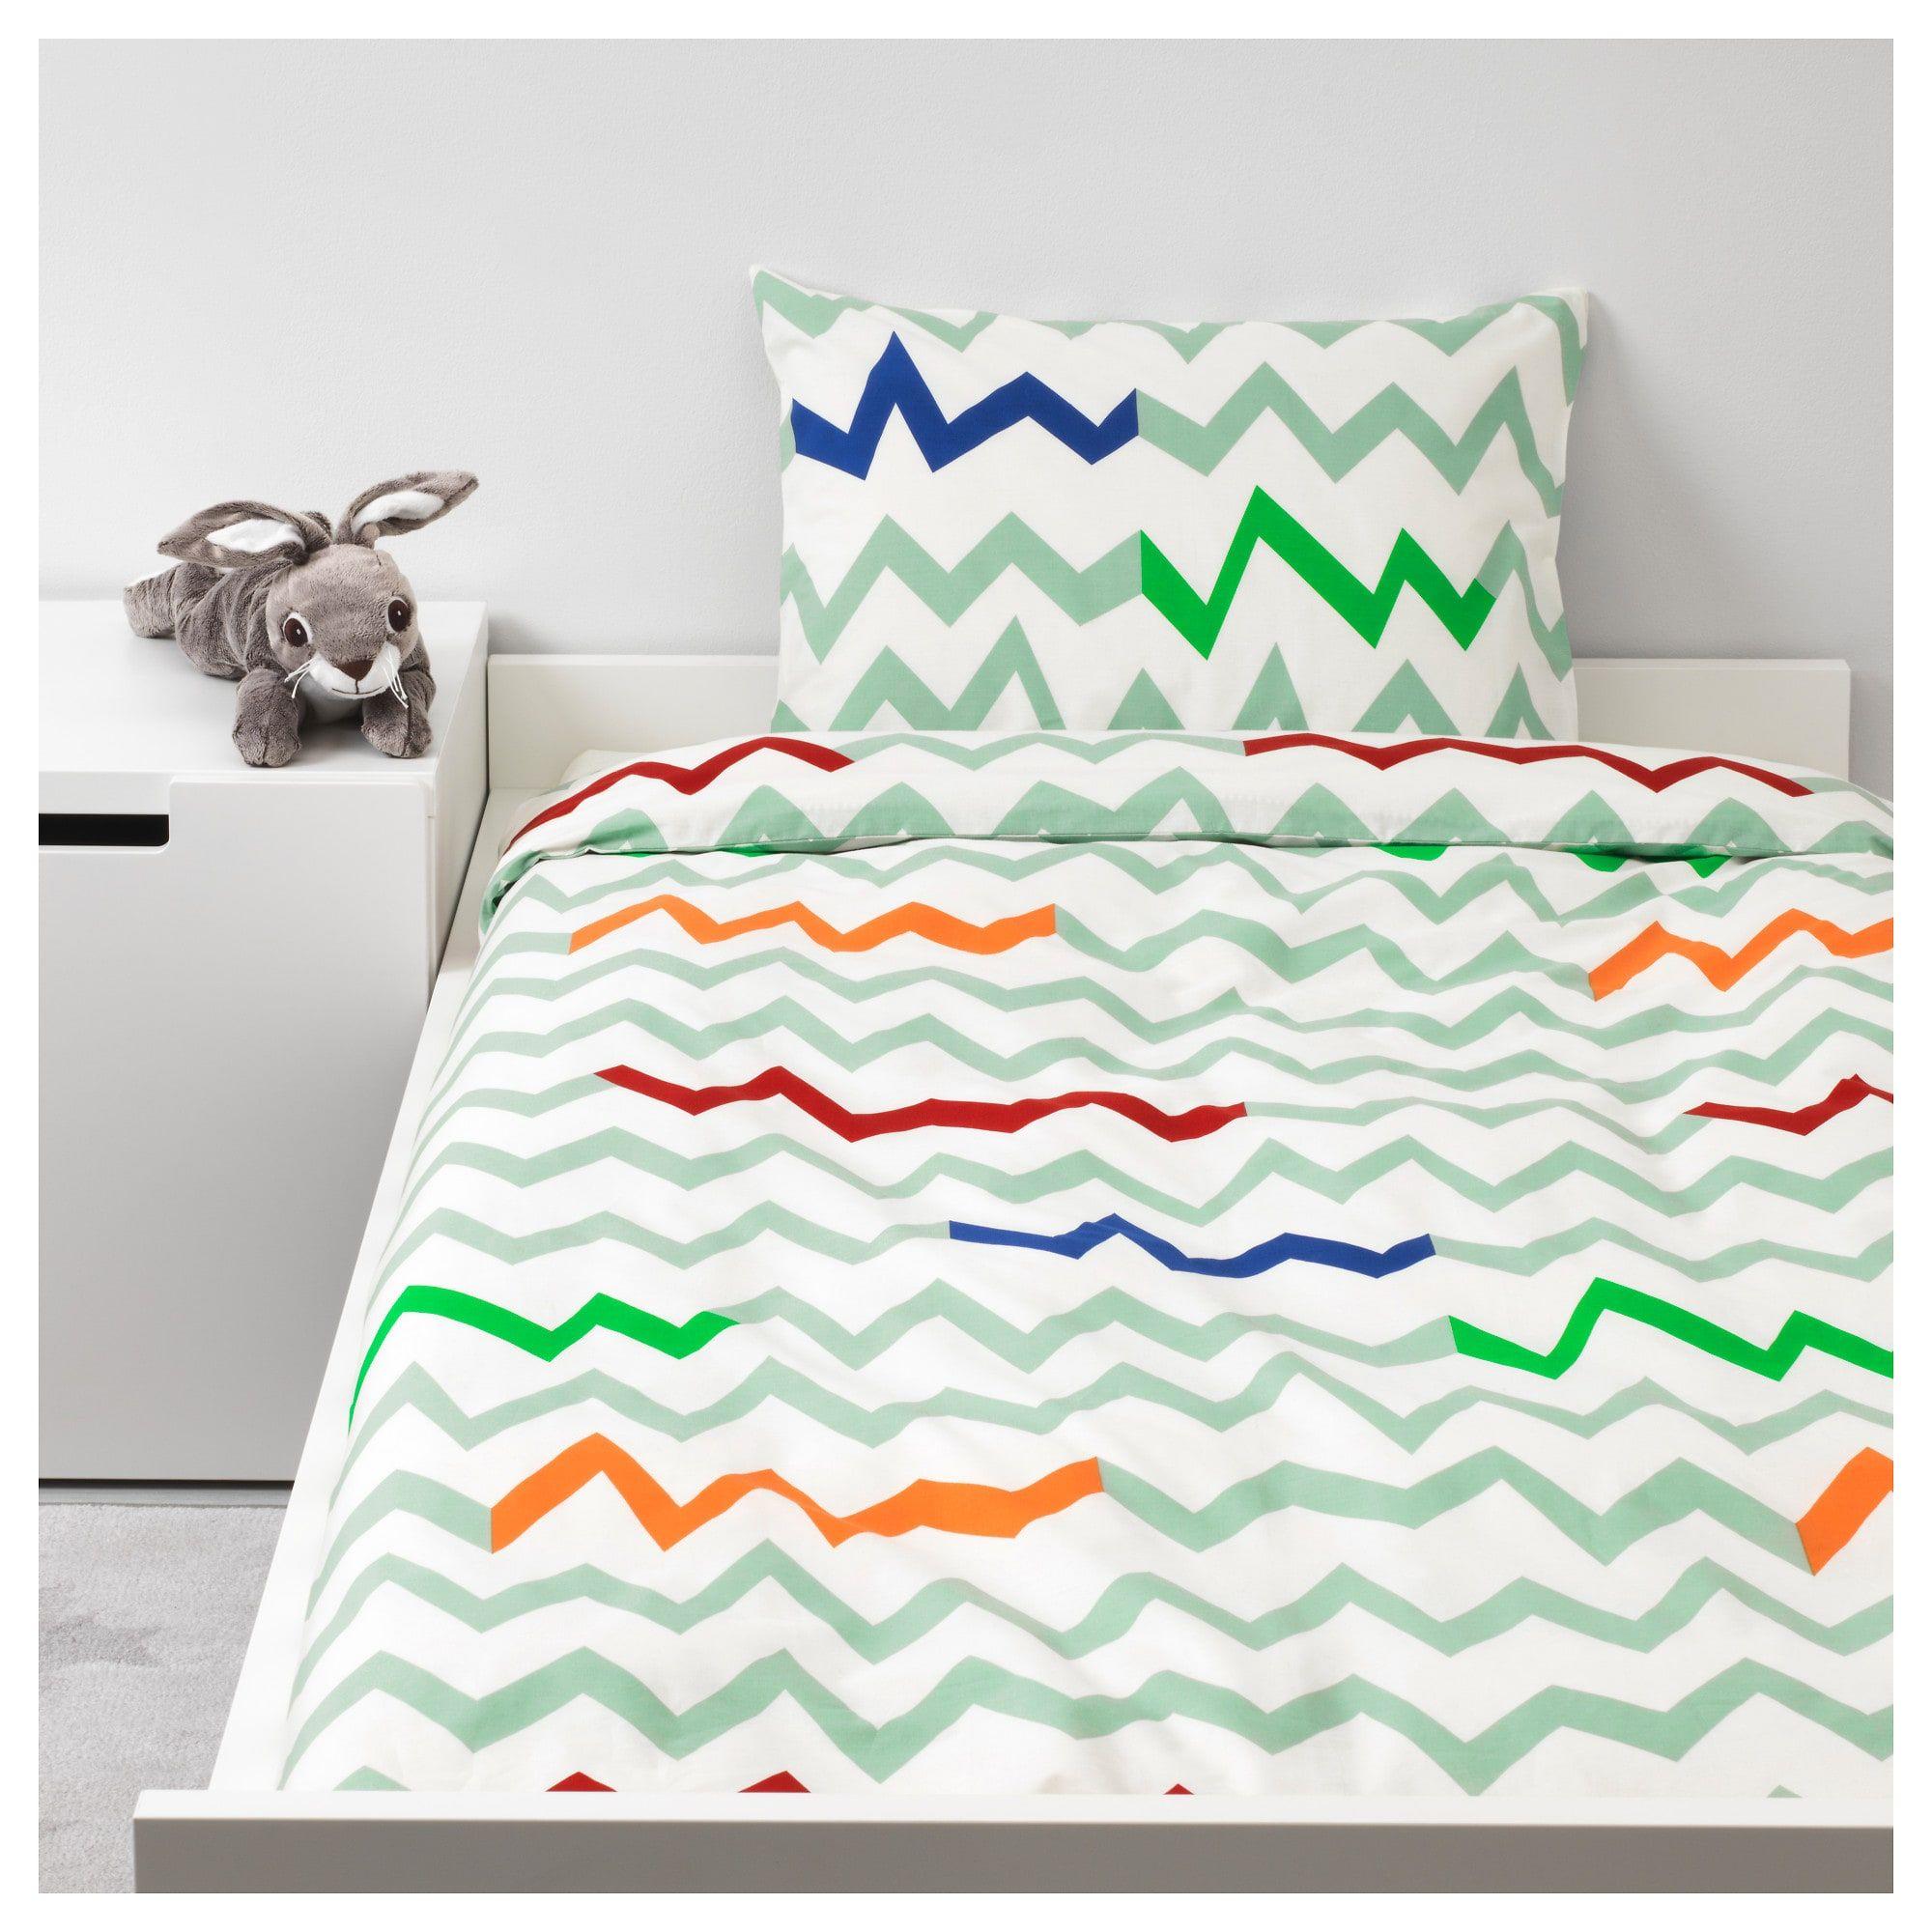 Ikea Stillsamt Light Green Multicolor Duvet Cover And Pillowcase S Duvet Covers Green Duvet Covers Quilt Cover